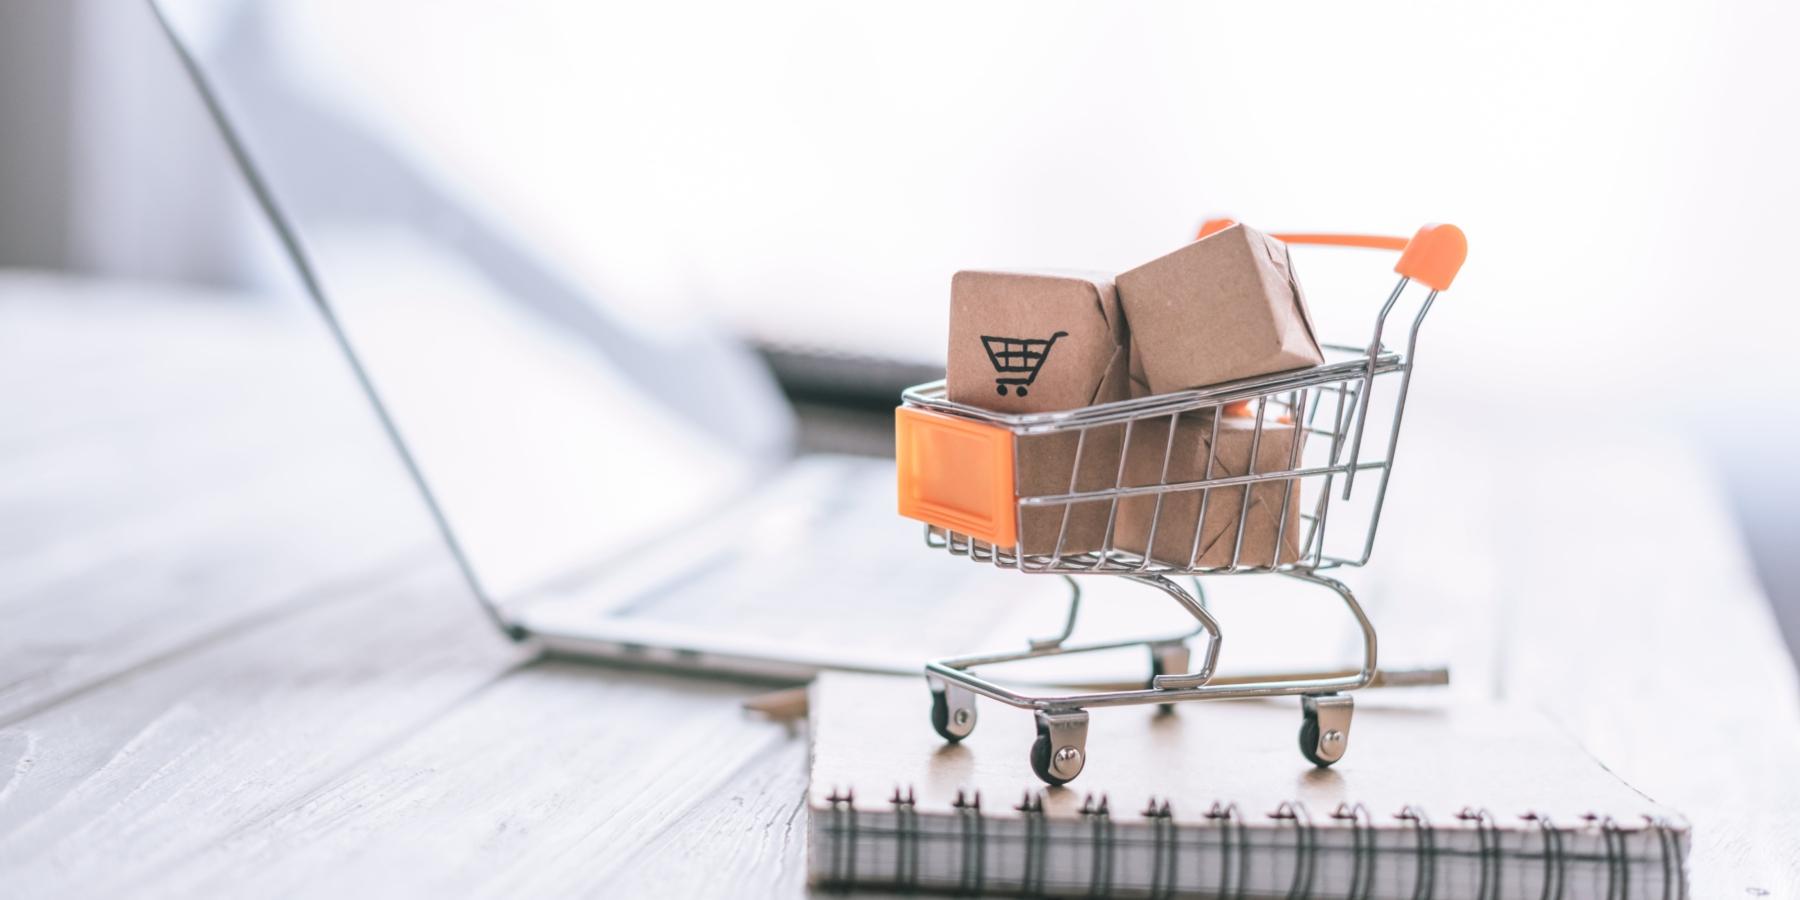 Prowadzisz sklep internetowy? Dowiedz się, jak usprawnić jego działanie!